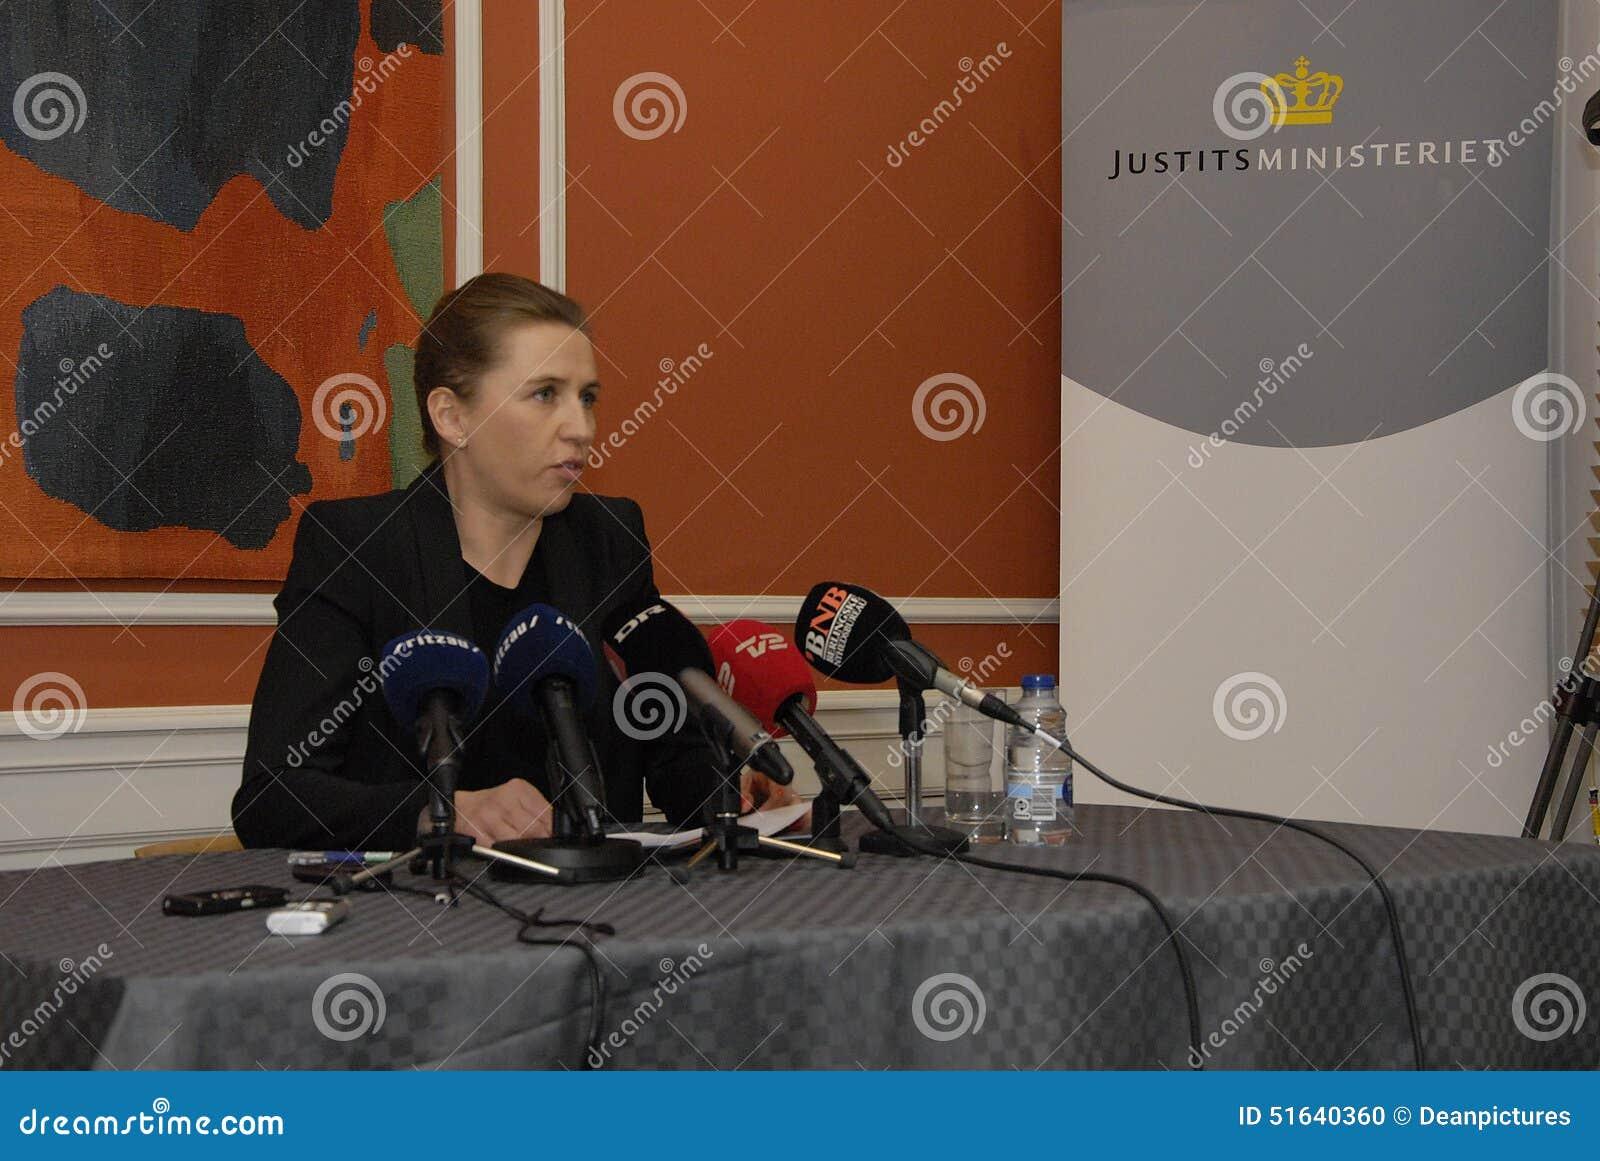 Ms Mette Frederiksen_minister dla sprawiedliwości